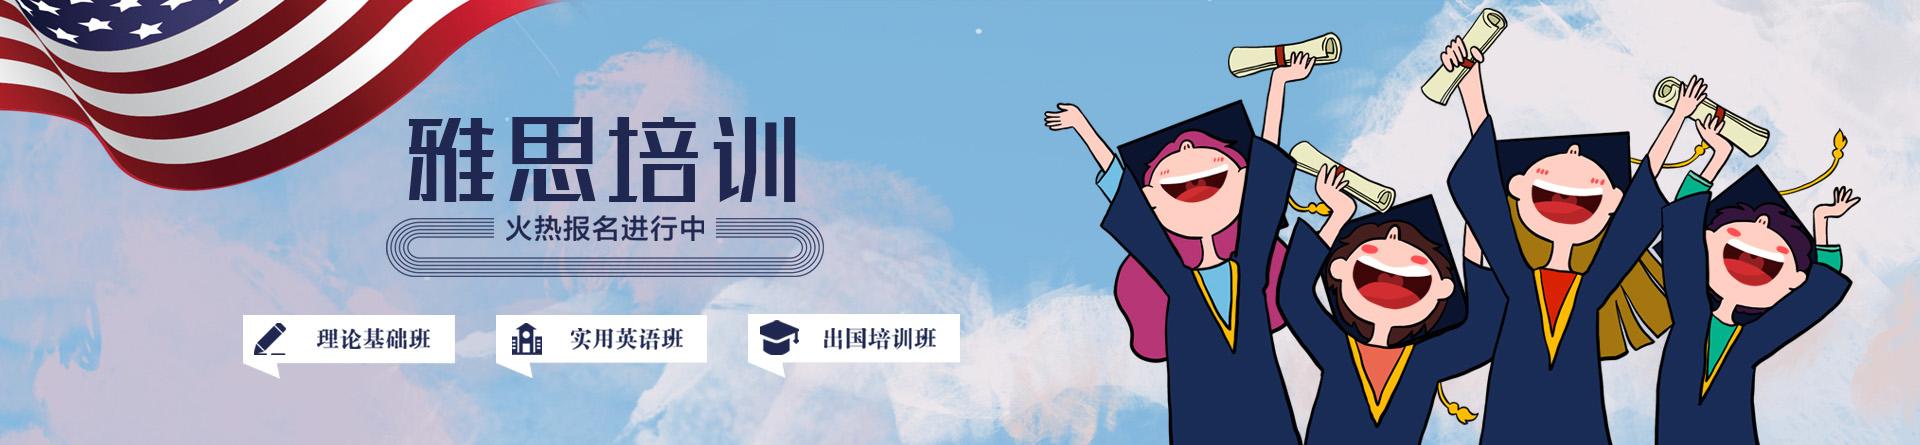 广州岗顶新航道英语培训